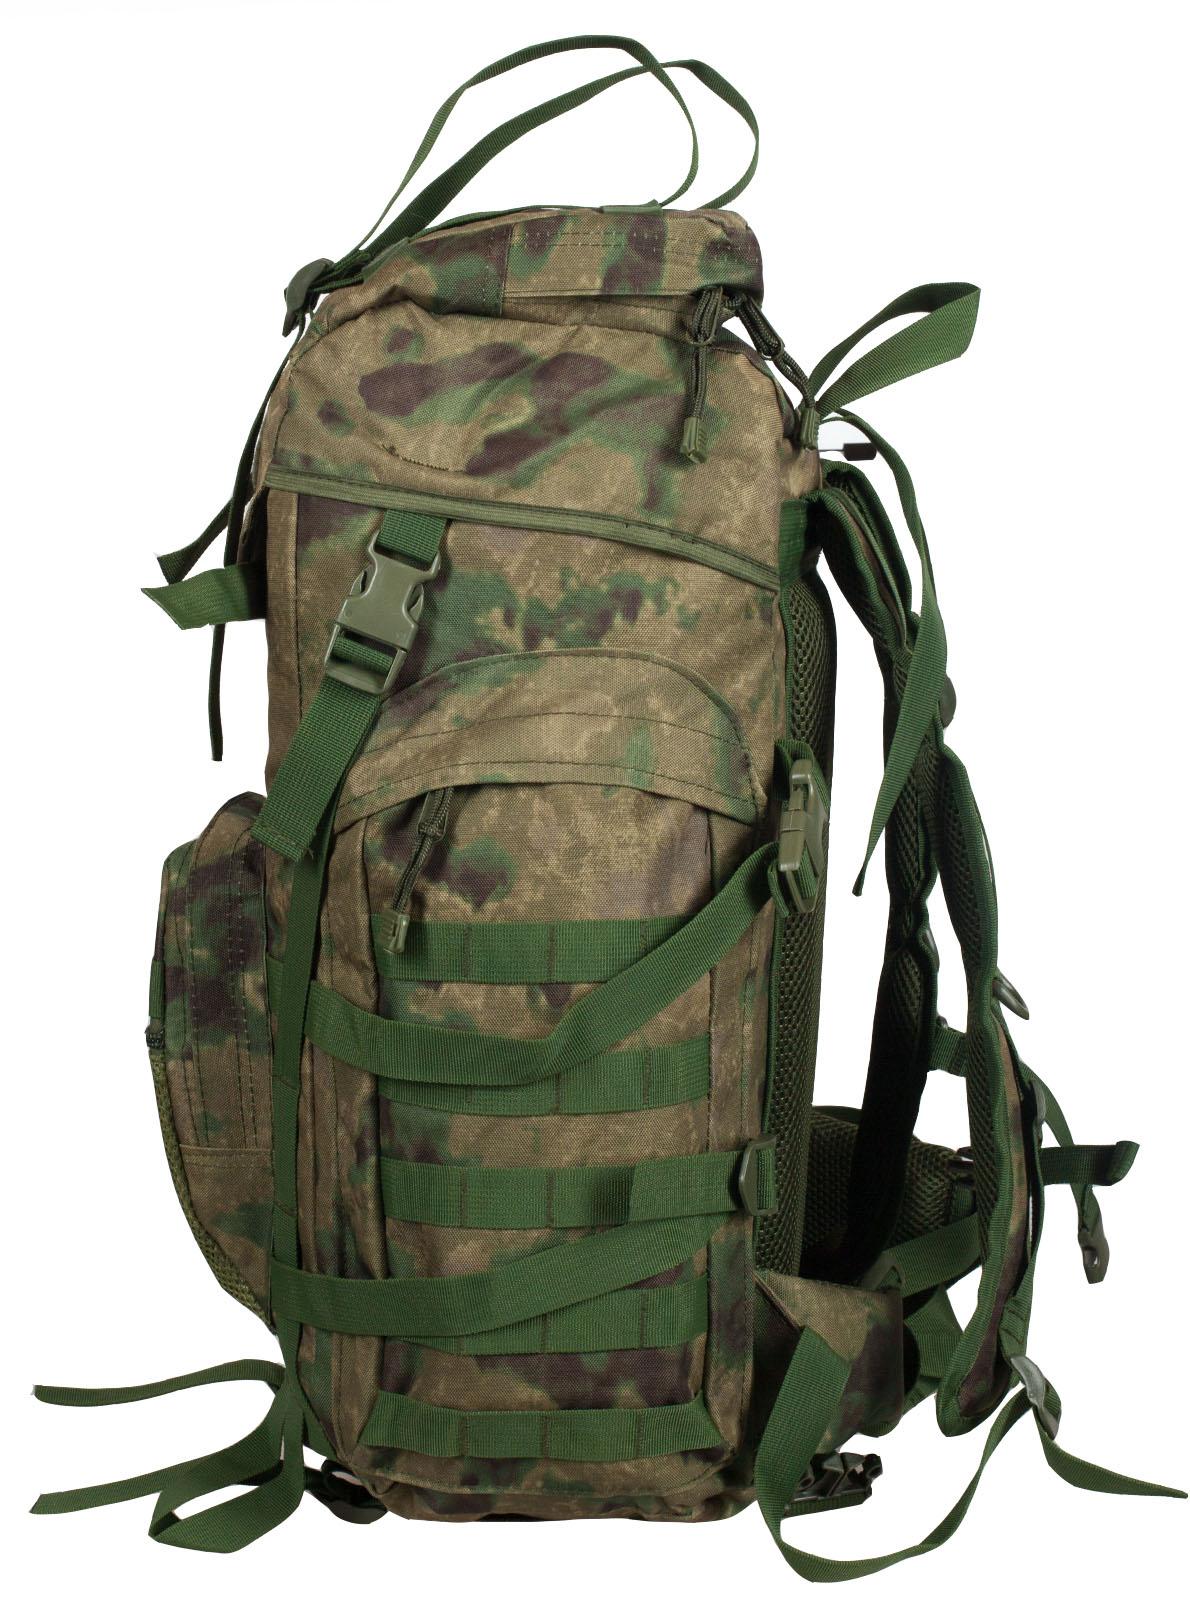 Рейдовый заплечный рюкзак MultiCam A-TACS FG Погранвойска - заказать оптом